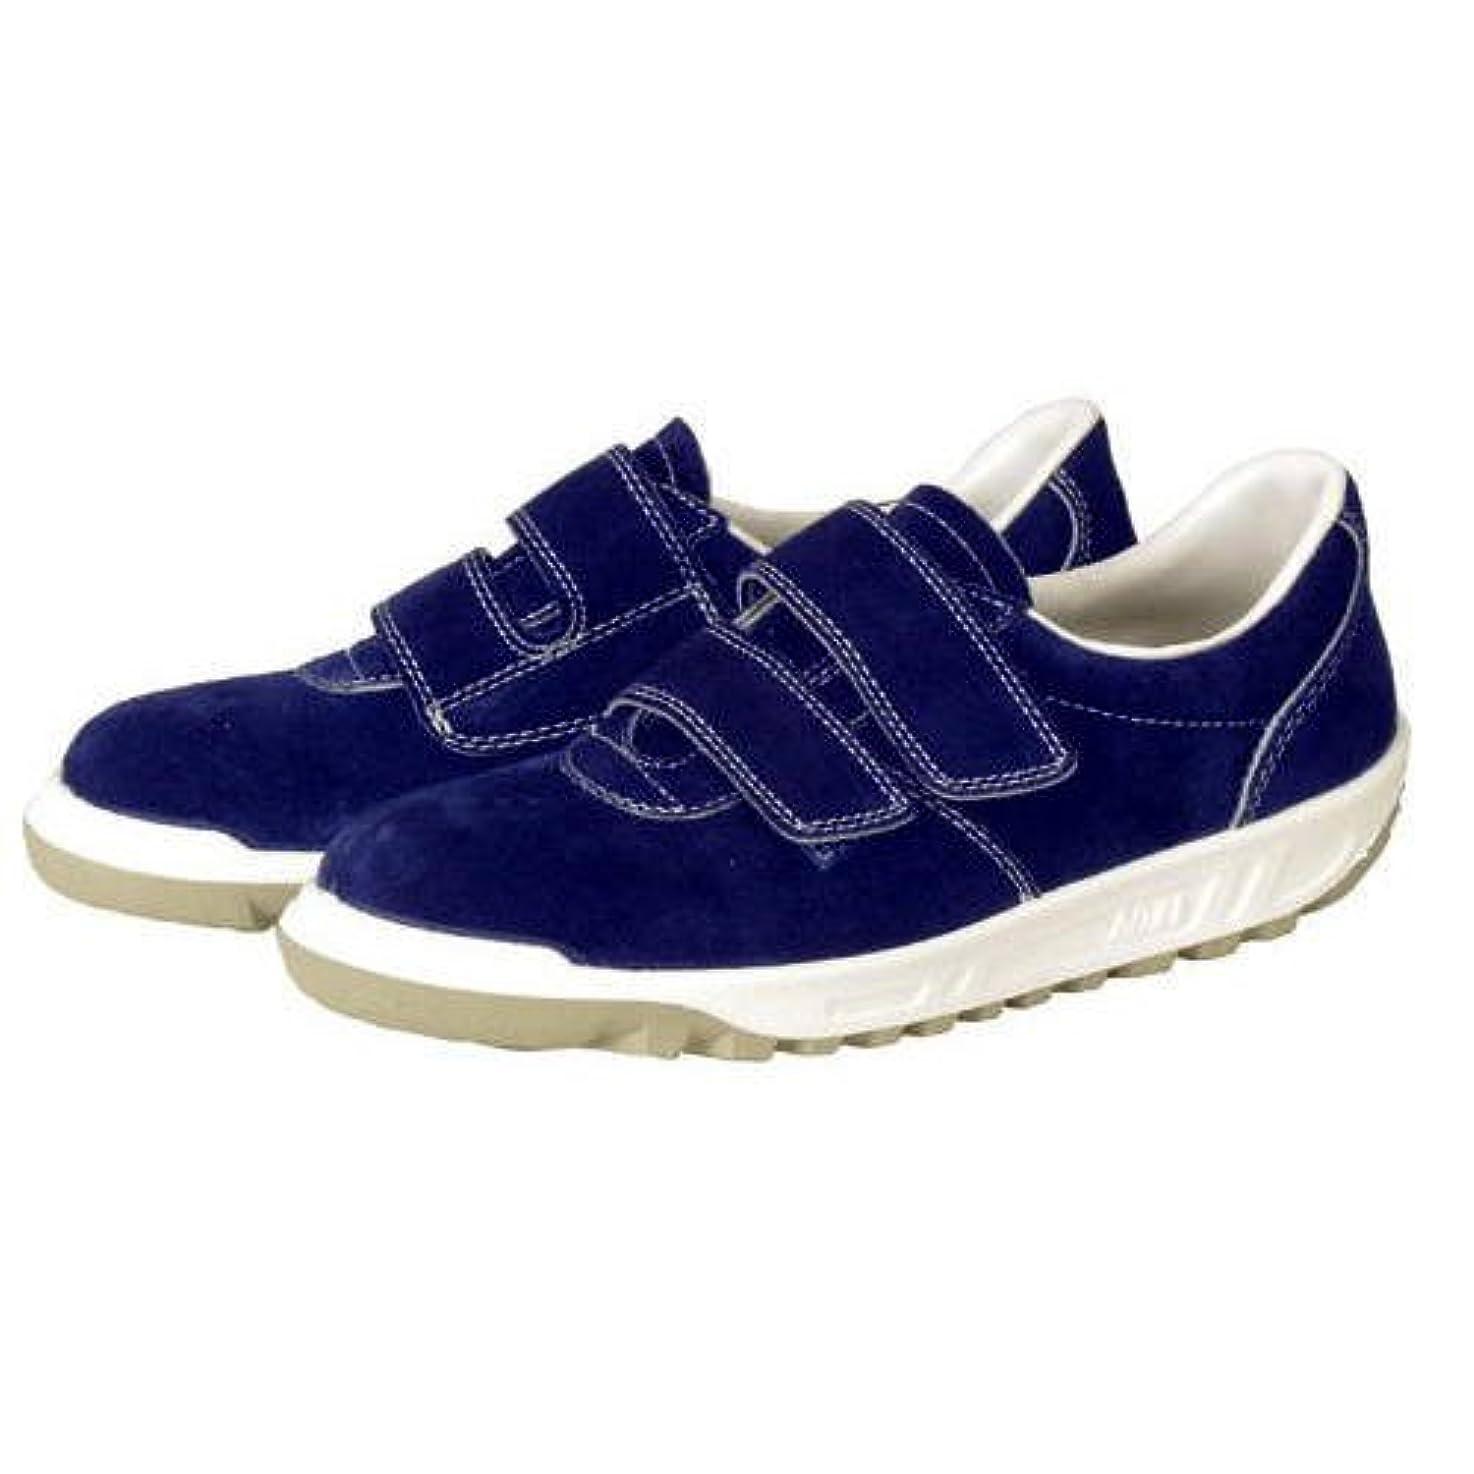 餌候補者公平な青木産業 安全靴 スニーカータイプ マジック式 ネイビーブルー SK112N 22CM